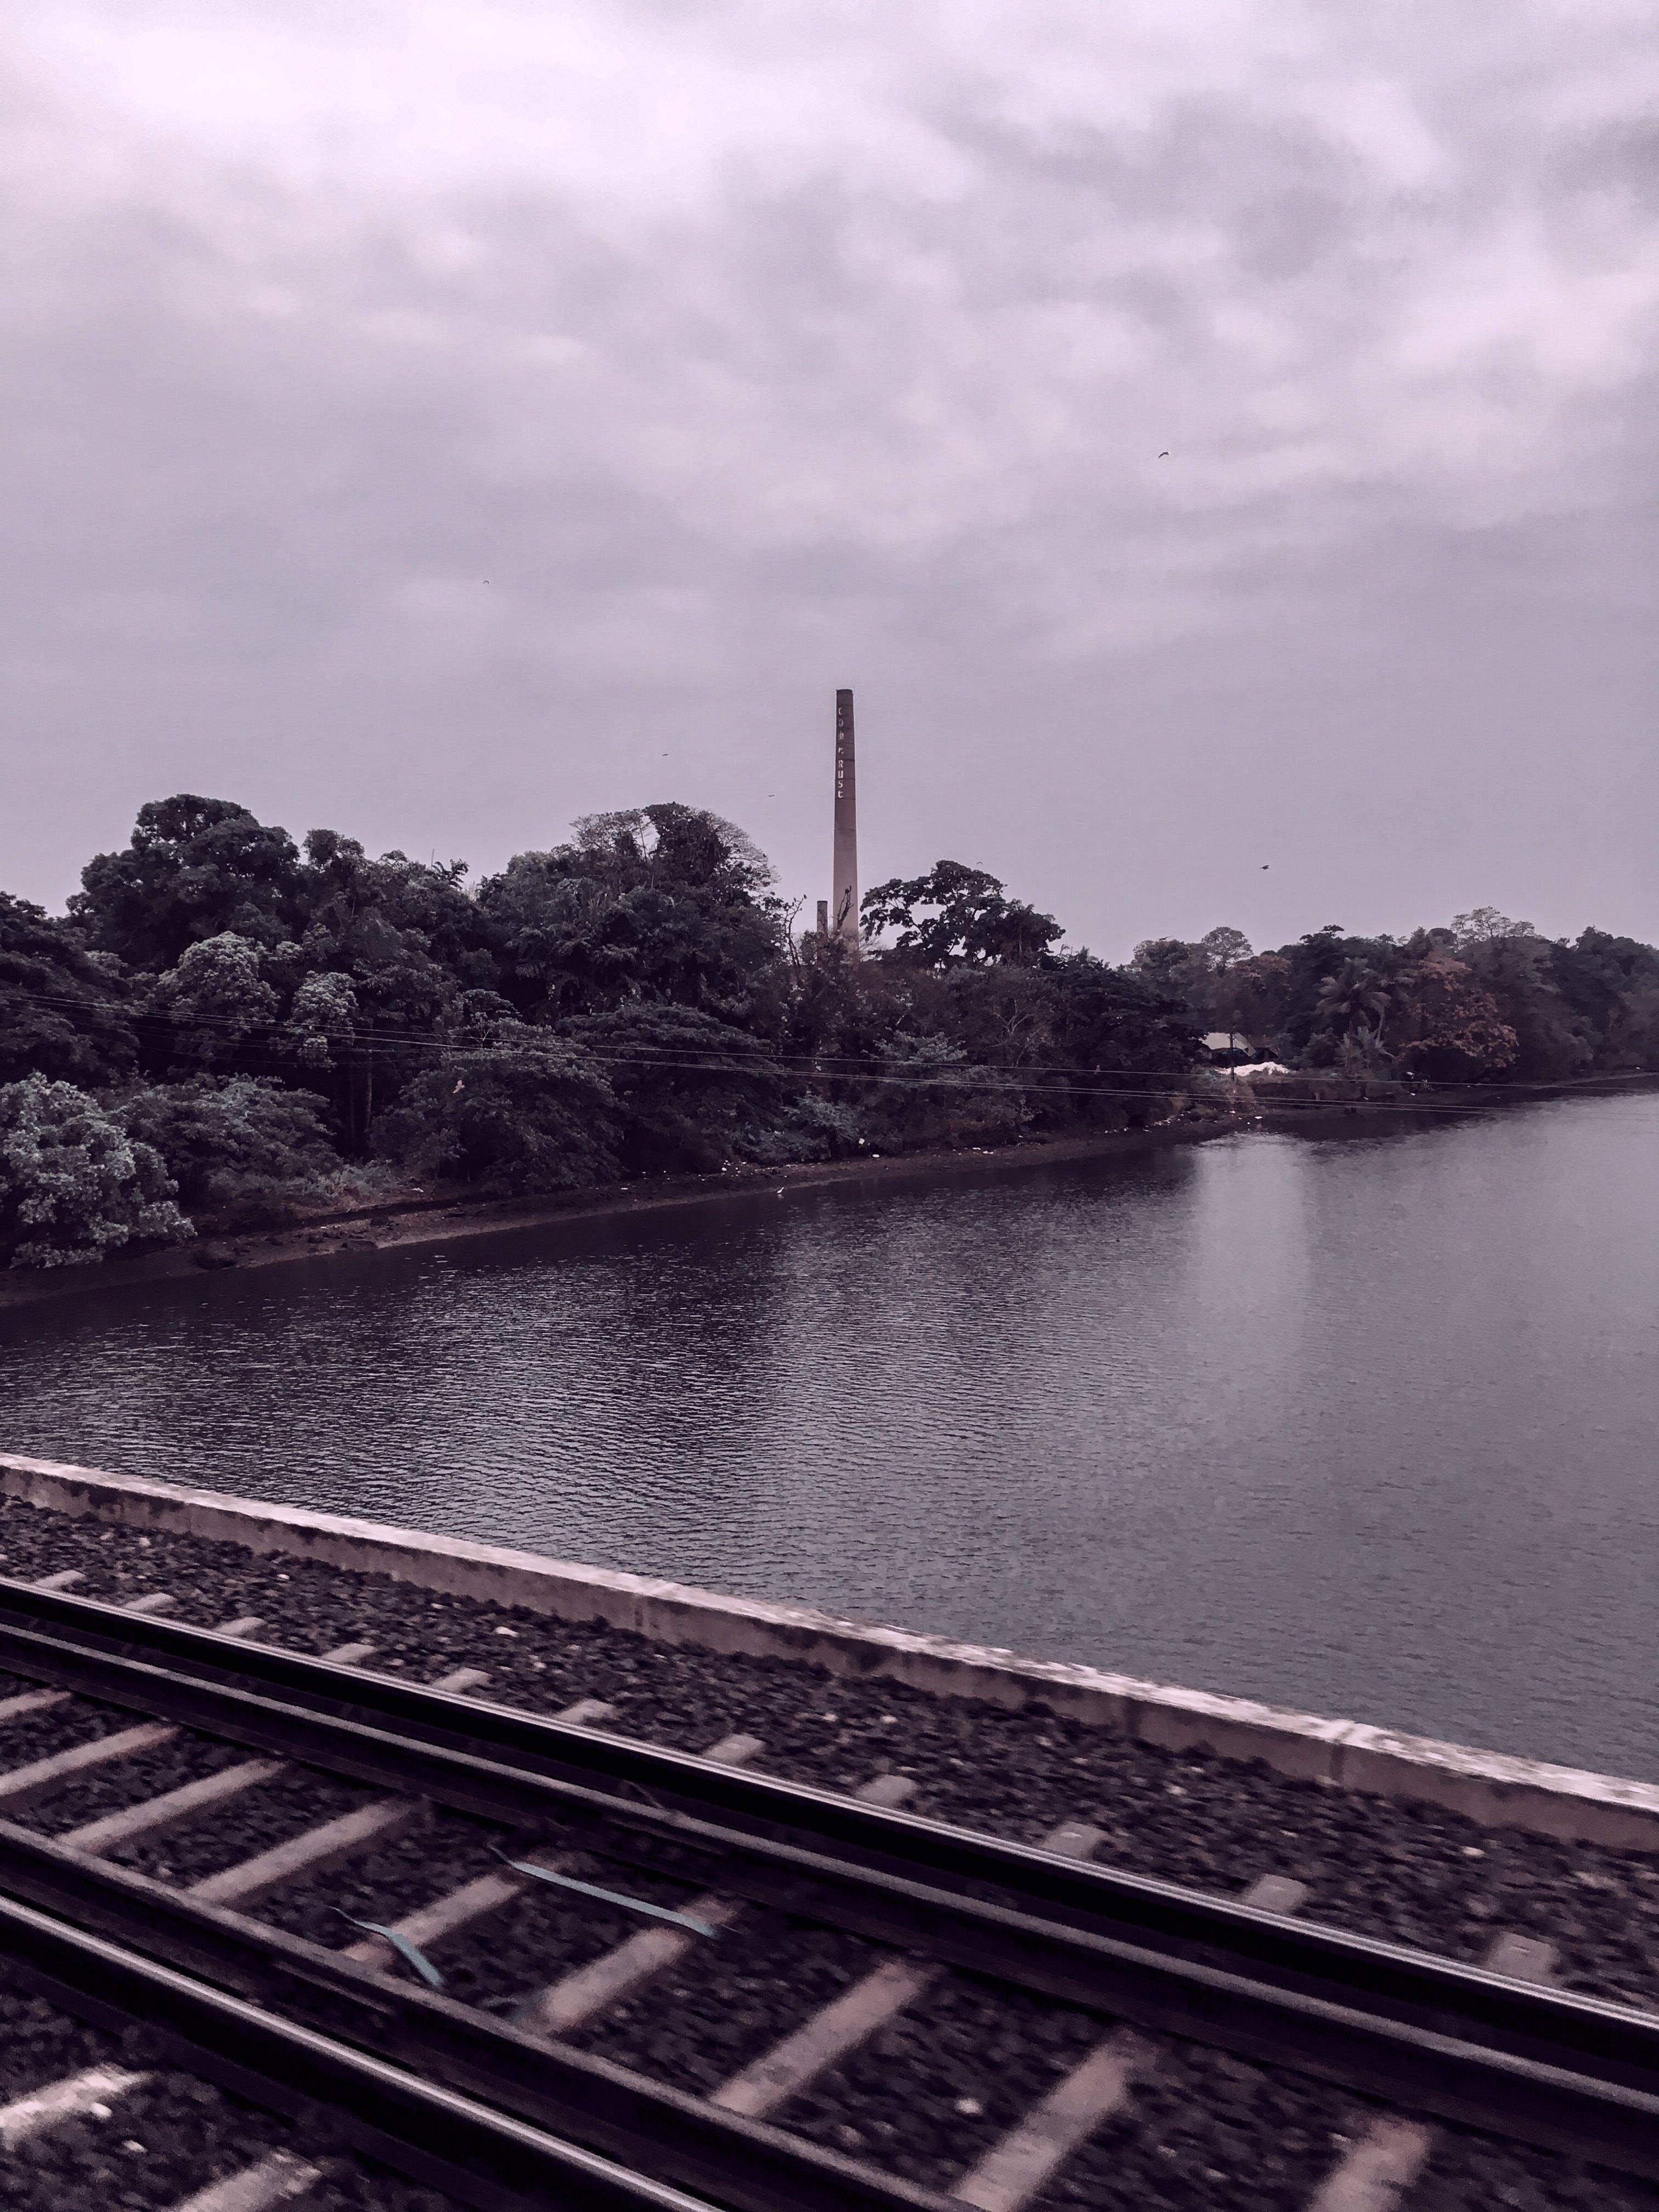 Grey Metal Train Railings Bear Body of Water